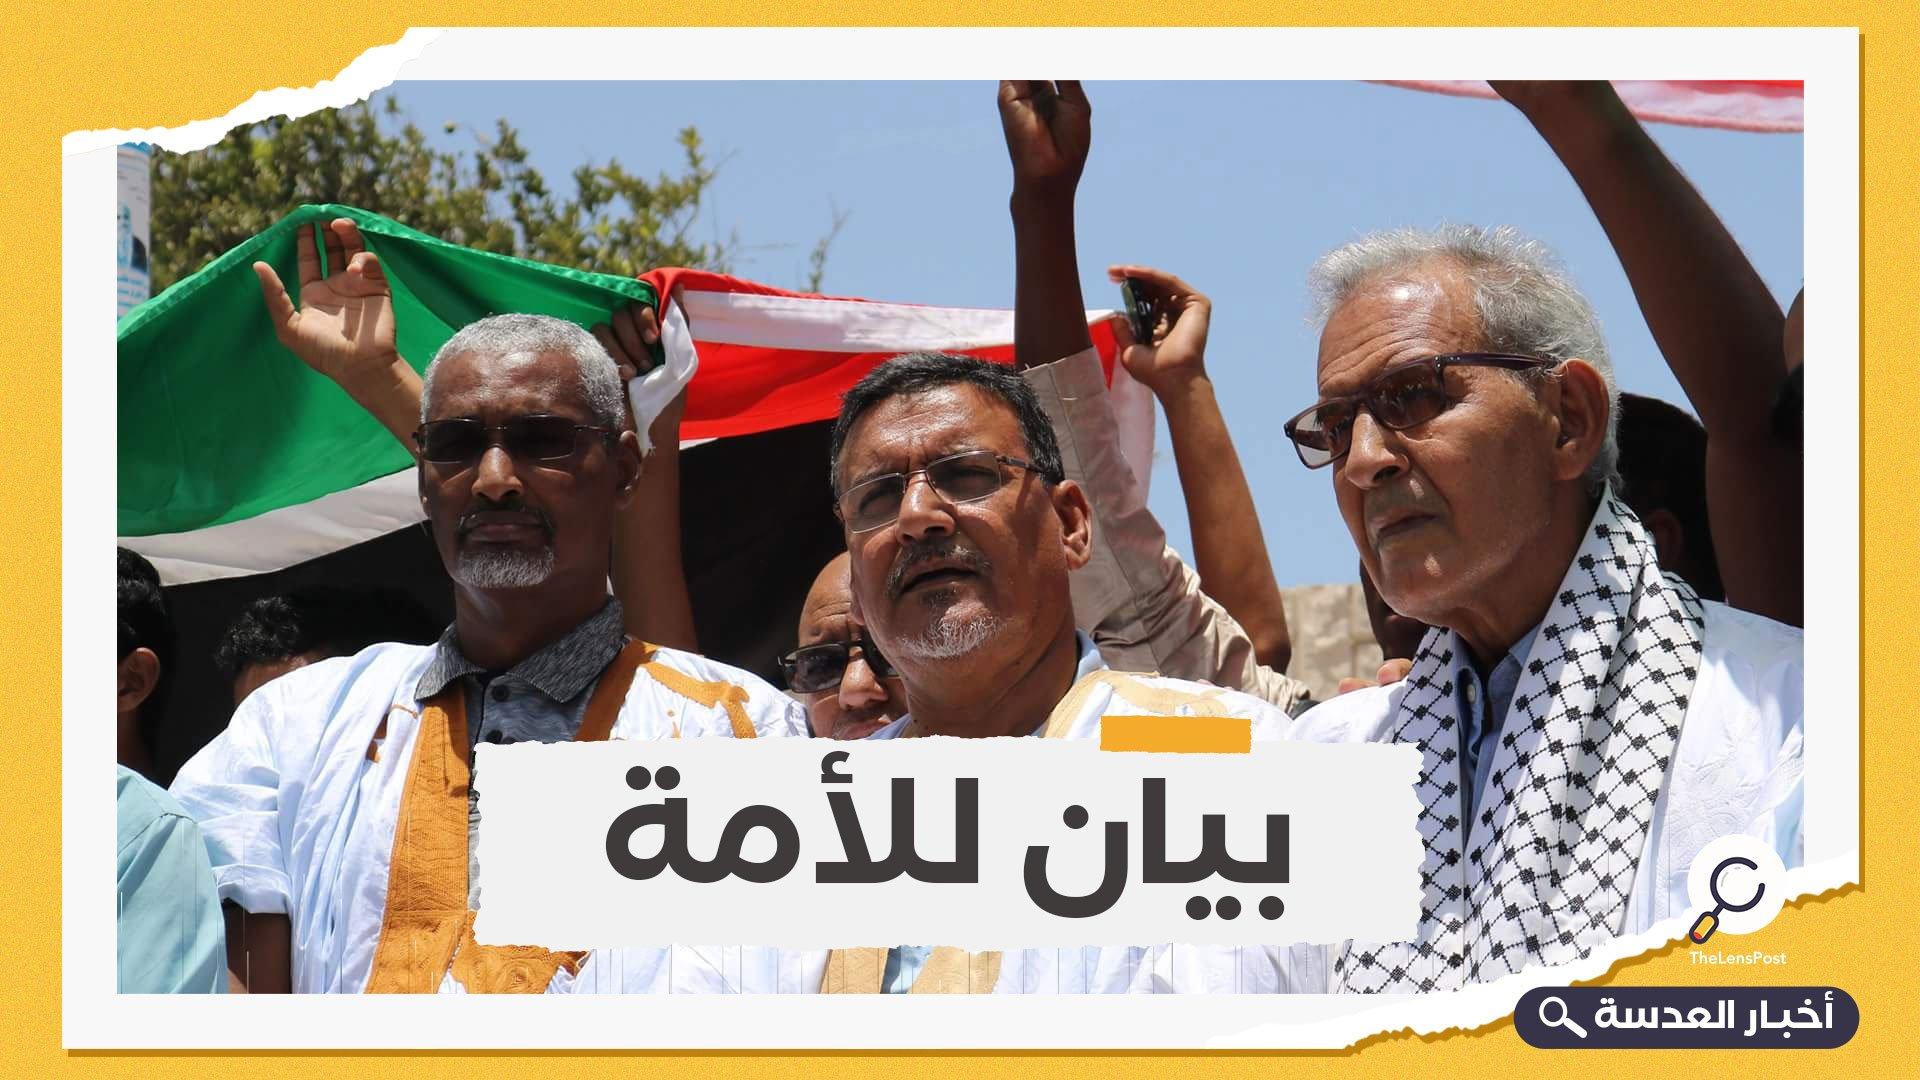 200 عالم موريتاني: التطبيع من أعظم المحرمات ولا يجوز بأي حال من الأحوال